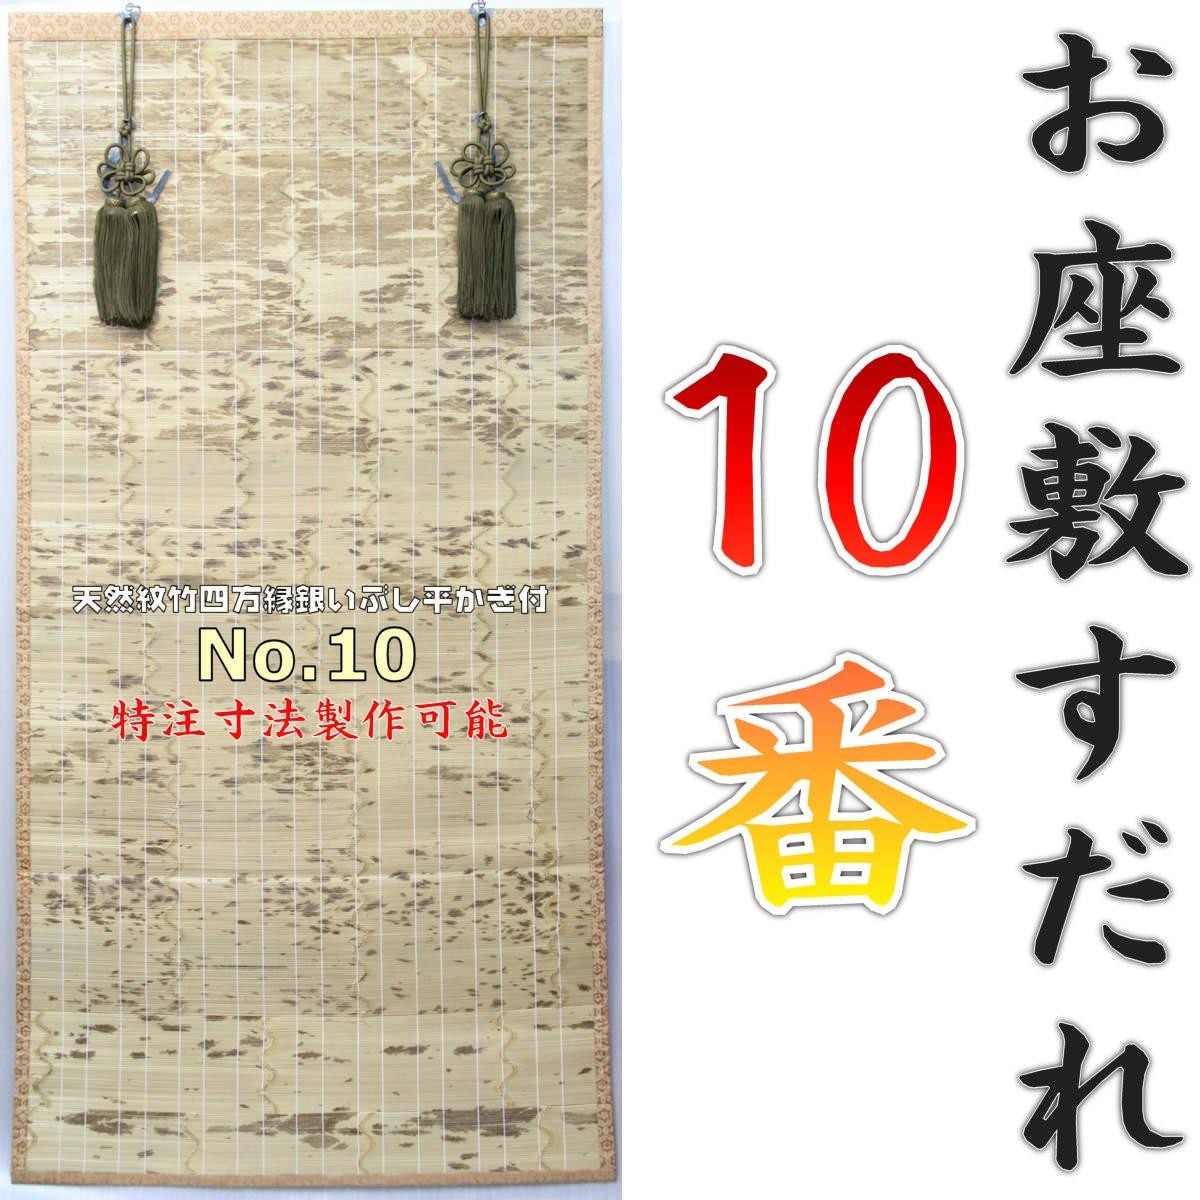 座敷すだれ 天然紋竹四方縁銀いぶし平かぎ付 No.10 サイズ約幅88cm長さ172cm 御殿簾 おまかせ工房